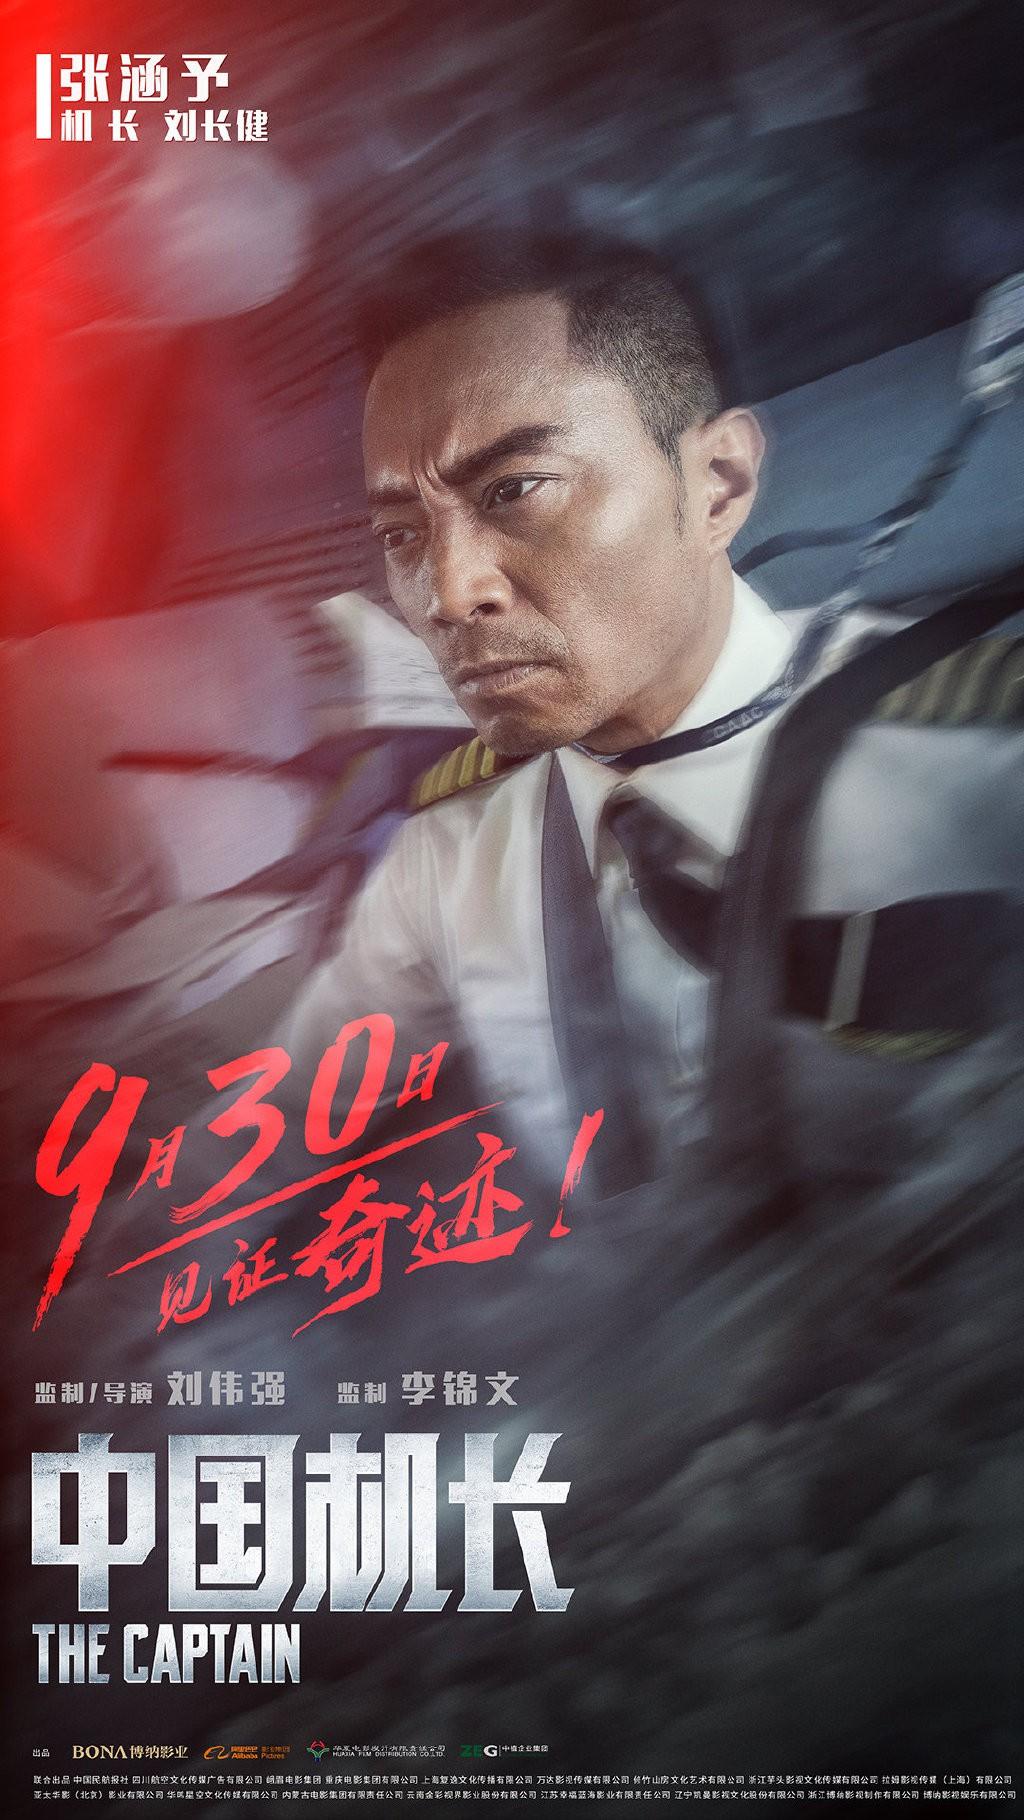 张涵予《中国机长》角色海报曝光 万米高空遇险!